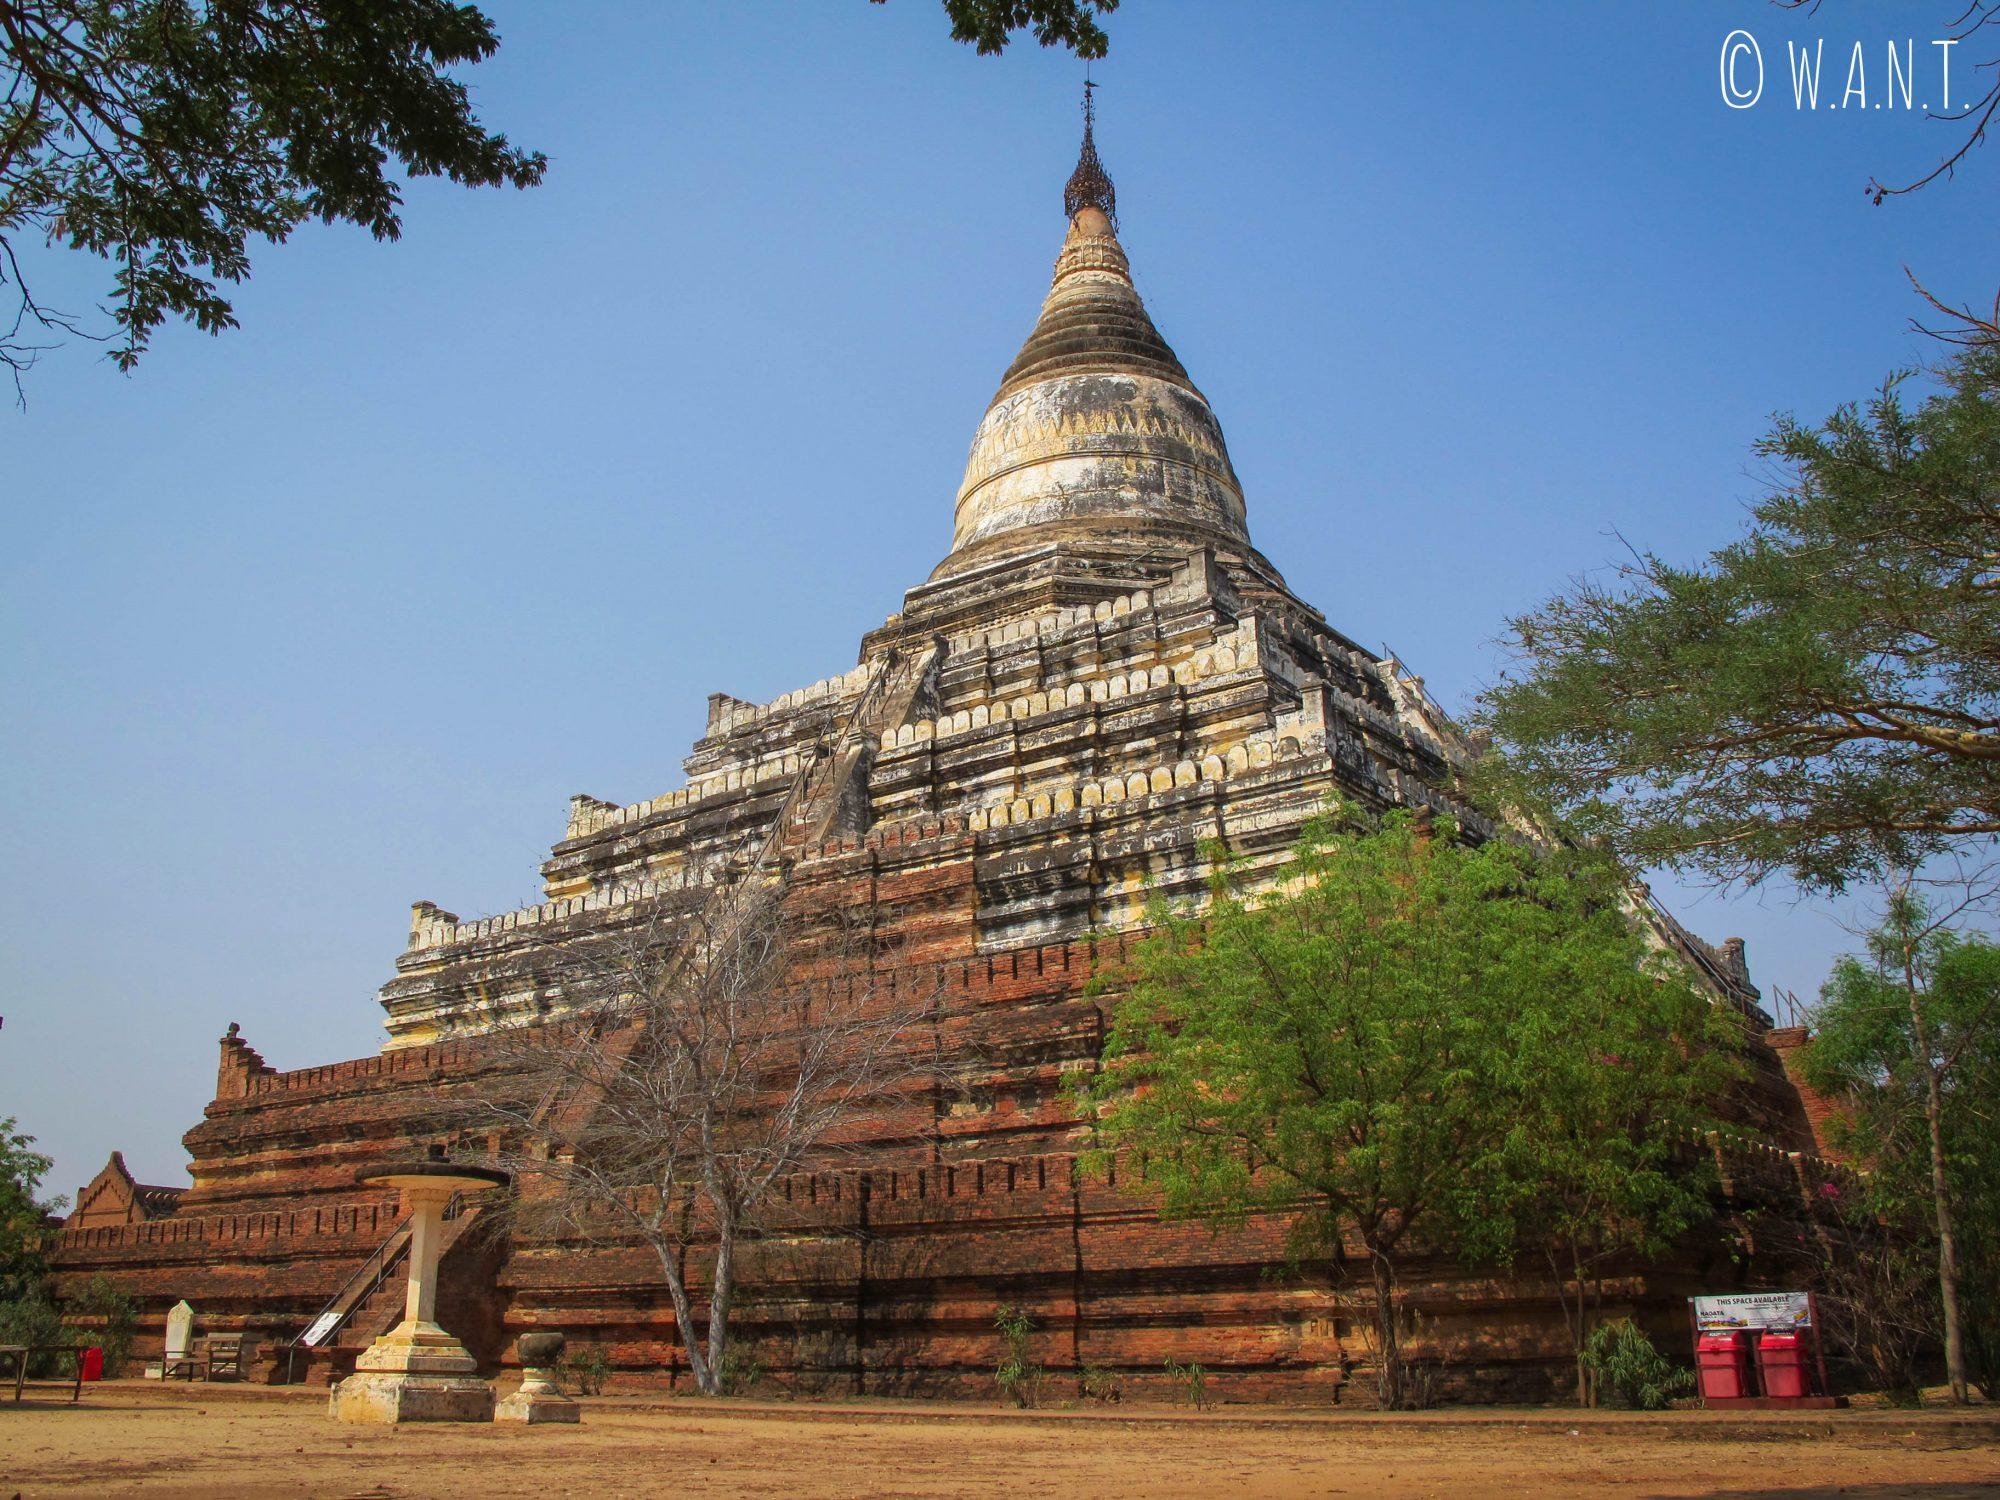 Au pieds de la pagode Shwesandaw